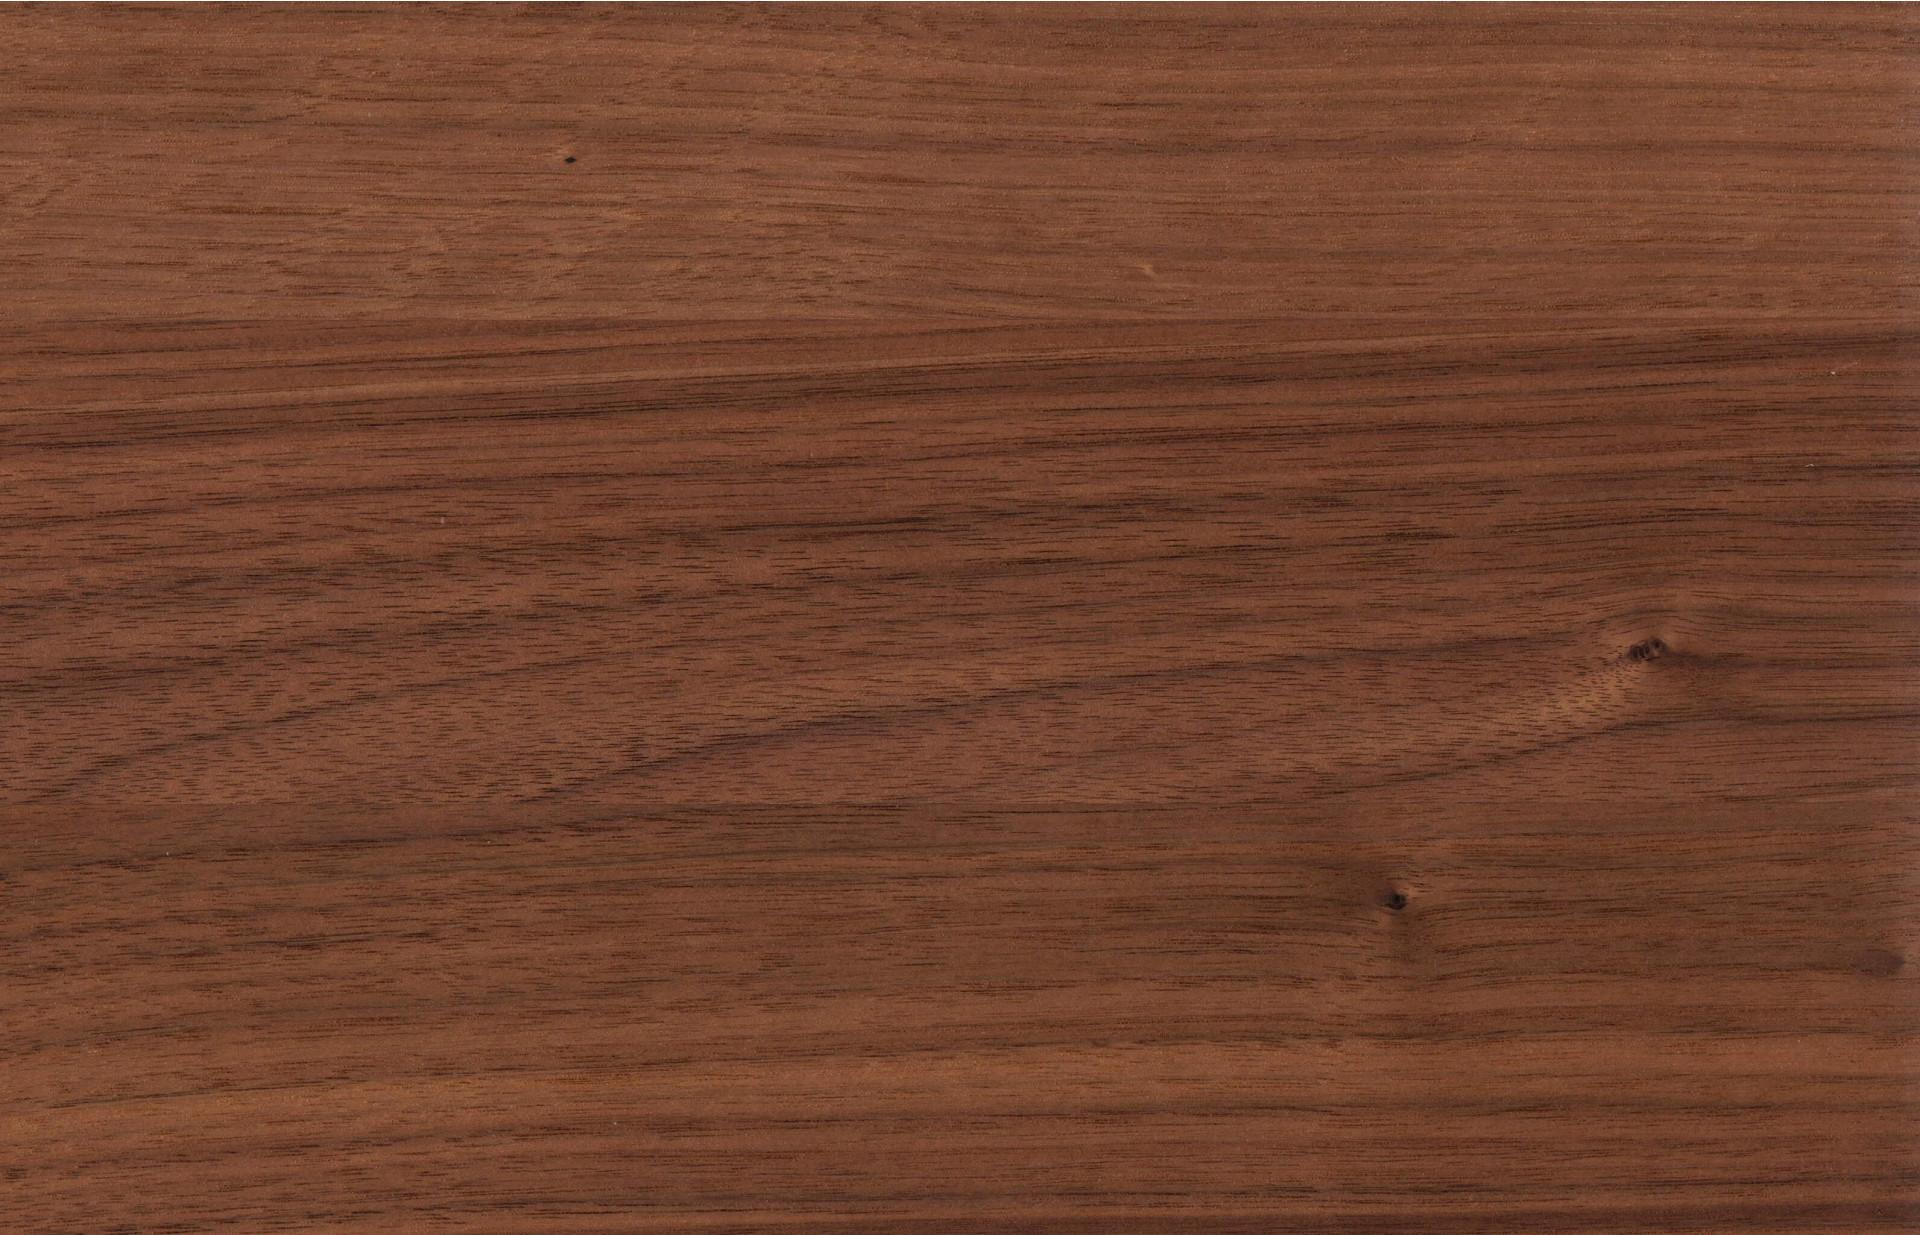 Holzmuster in Nussbaum natur geölt